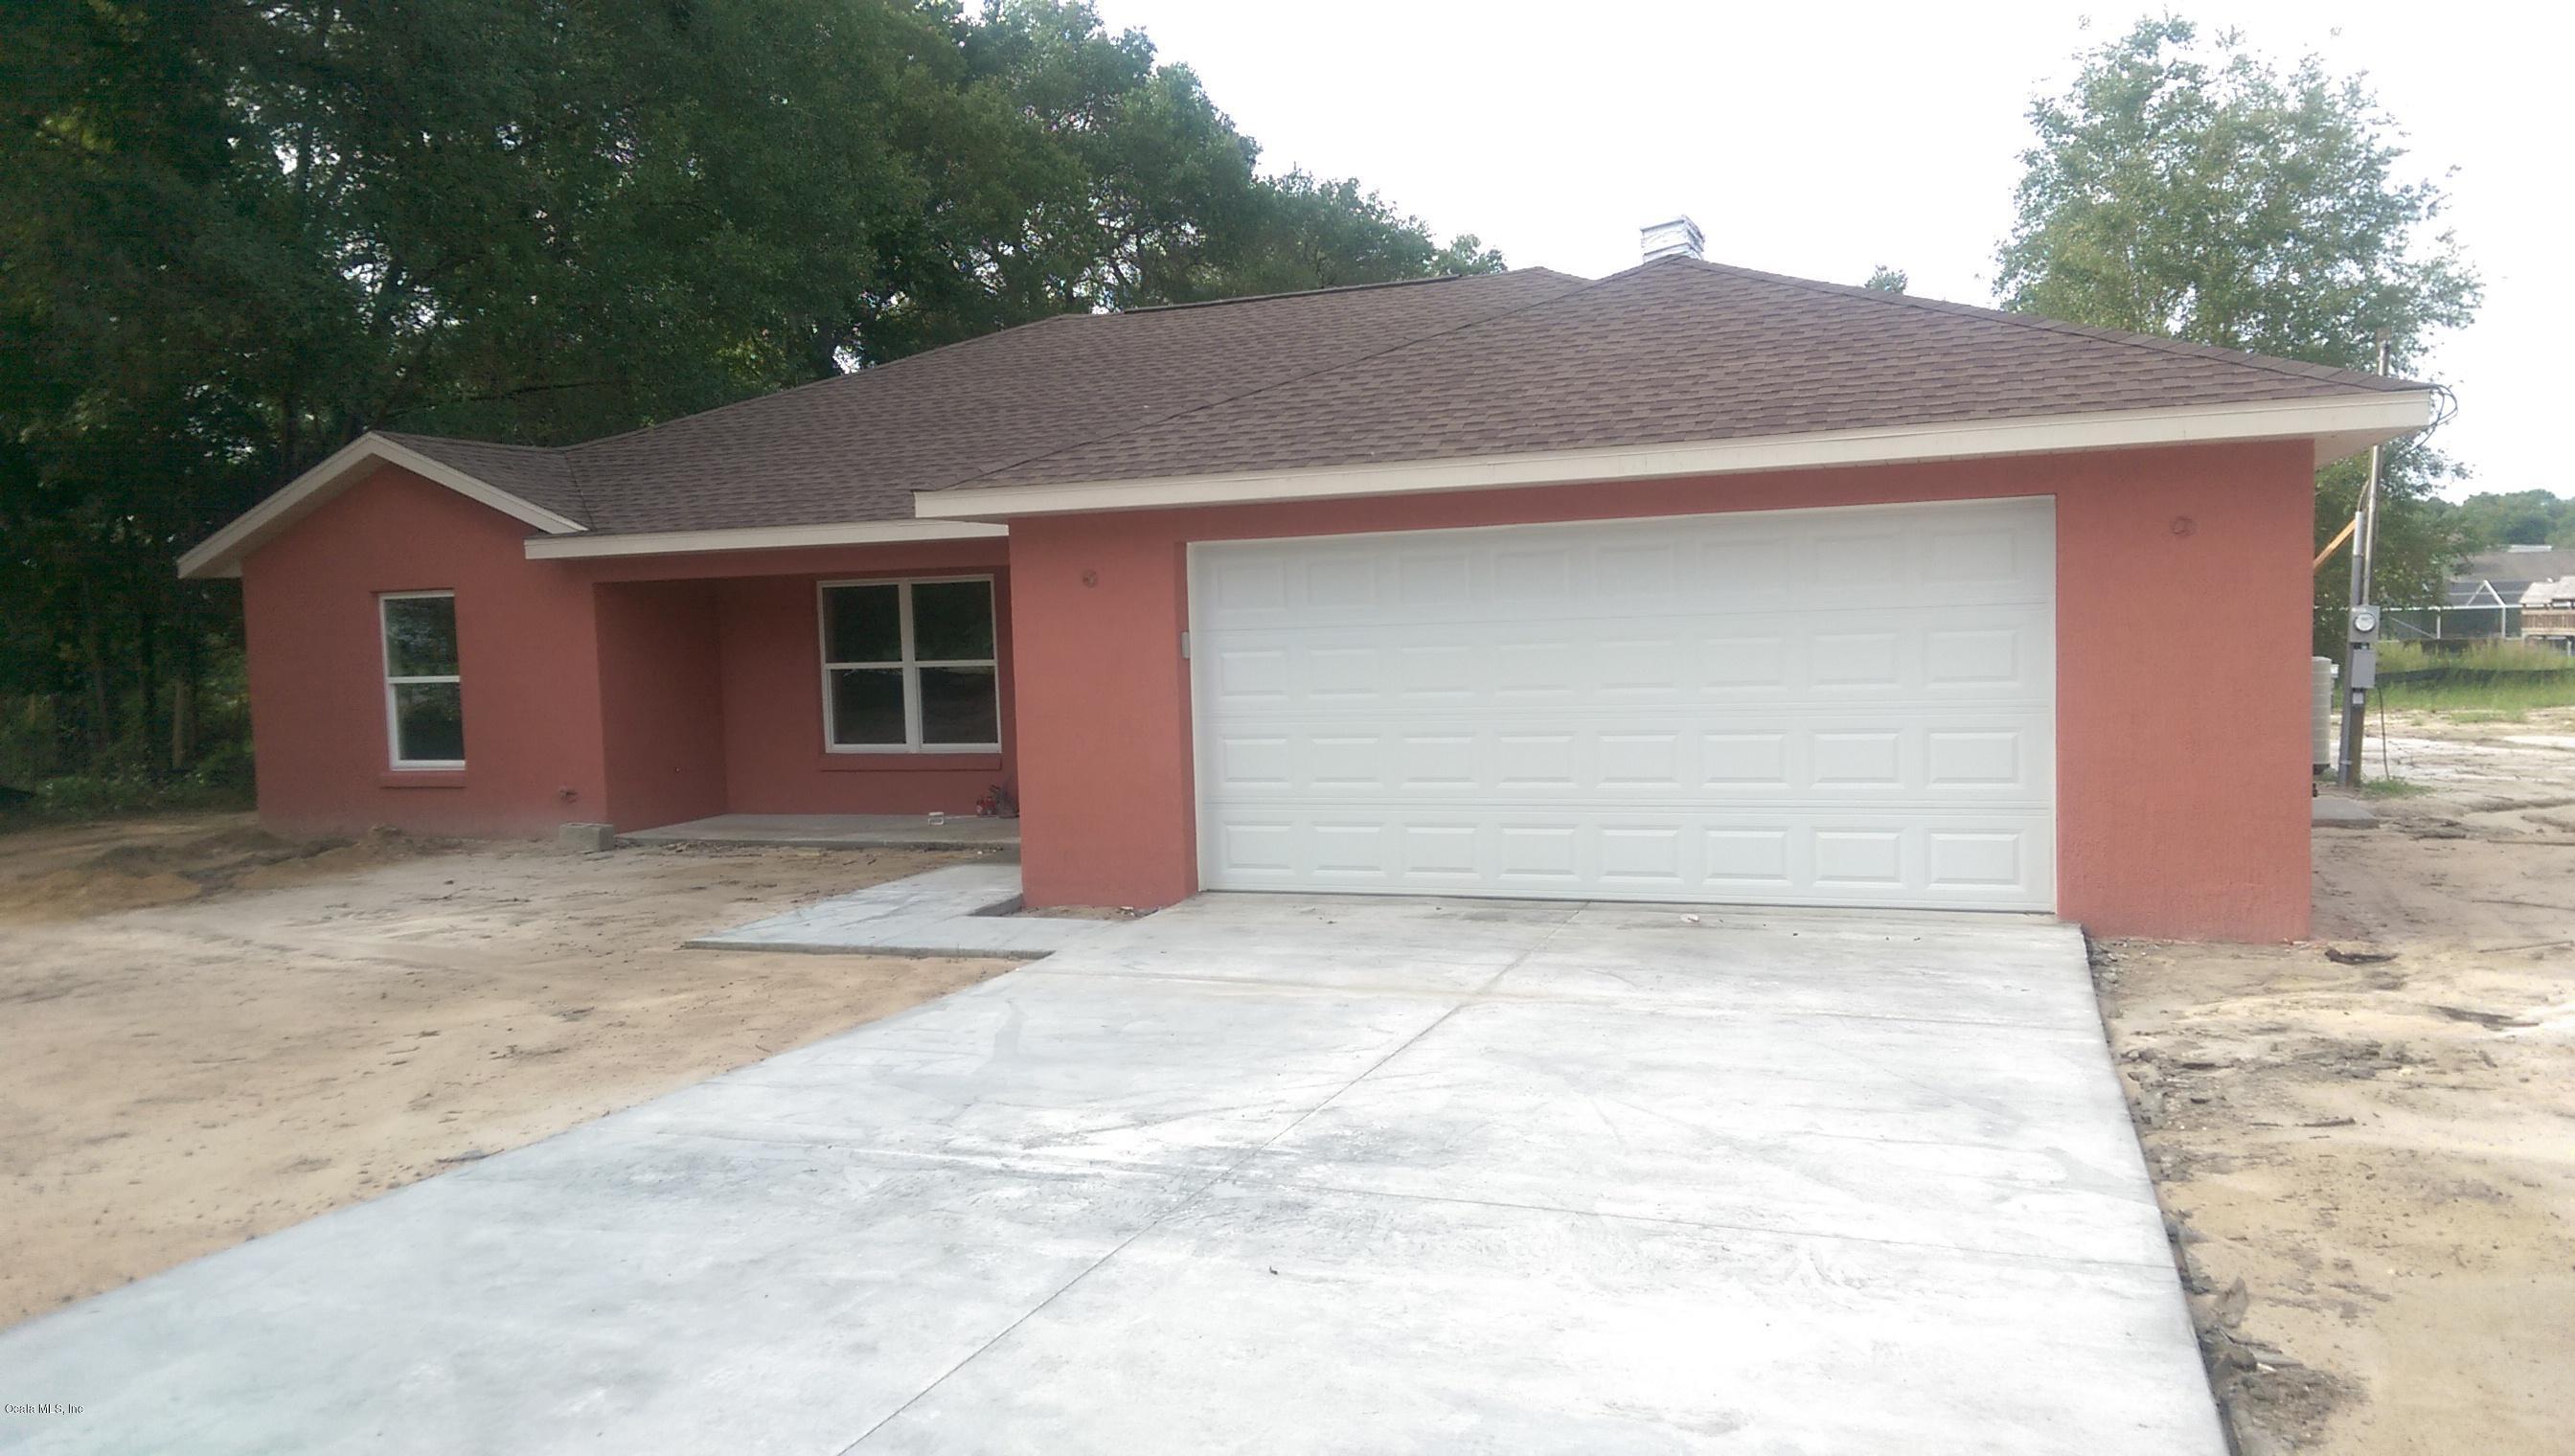 9760 SE 143RD STREET, SUMMERFIELD, FL 34491